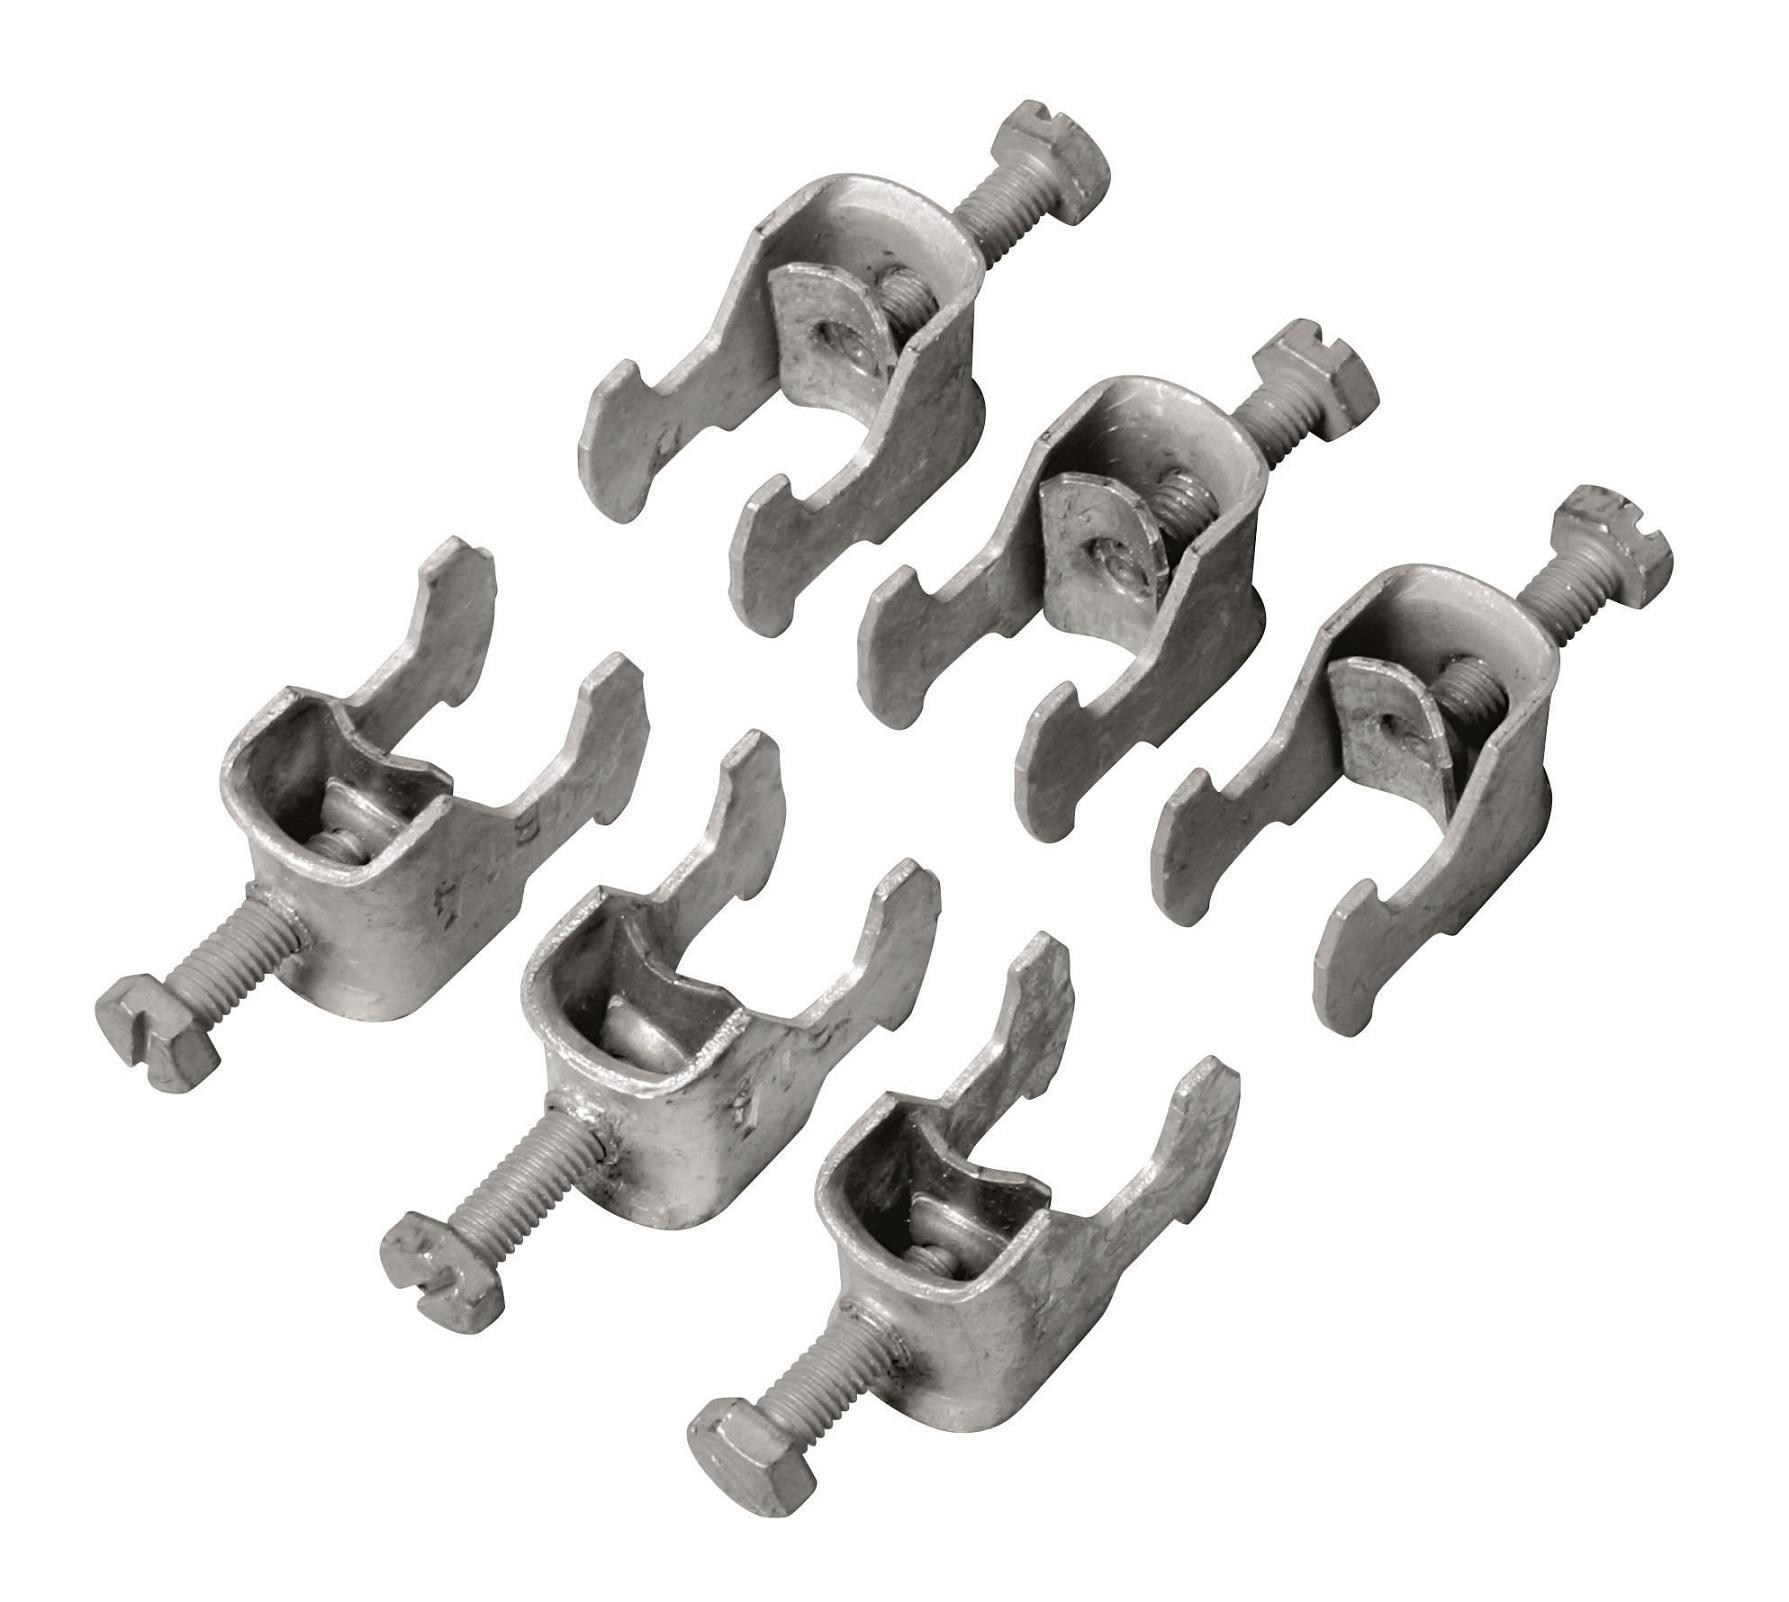 1 VE Kabelklemmen 10-14mm ASCA1014--